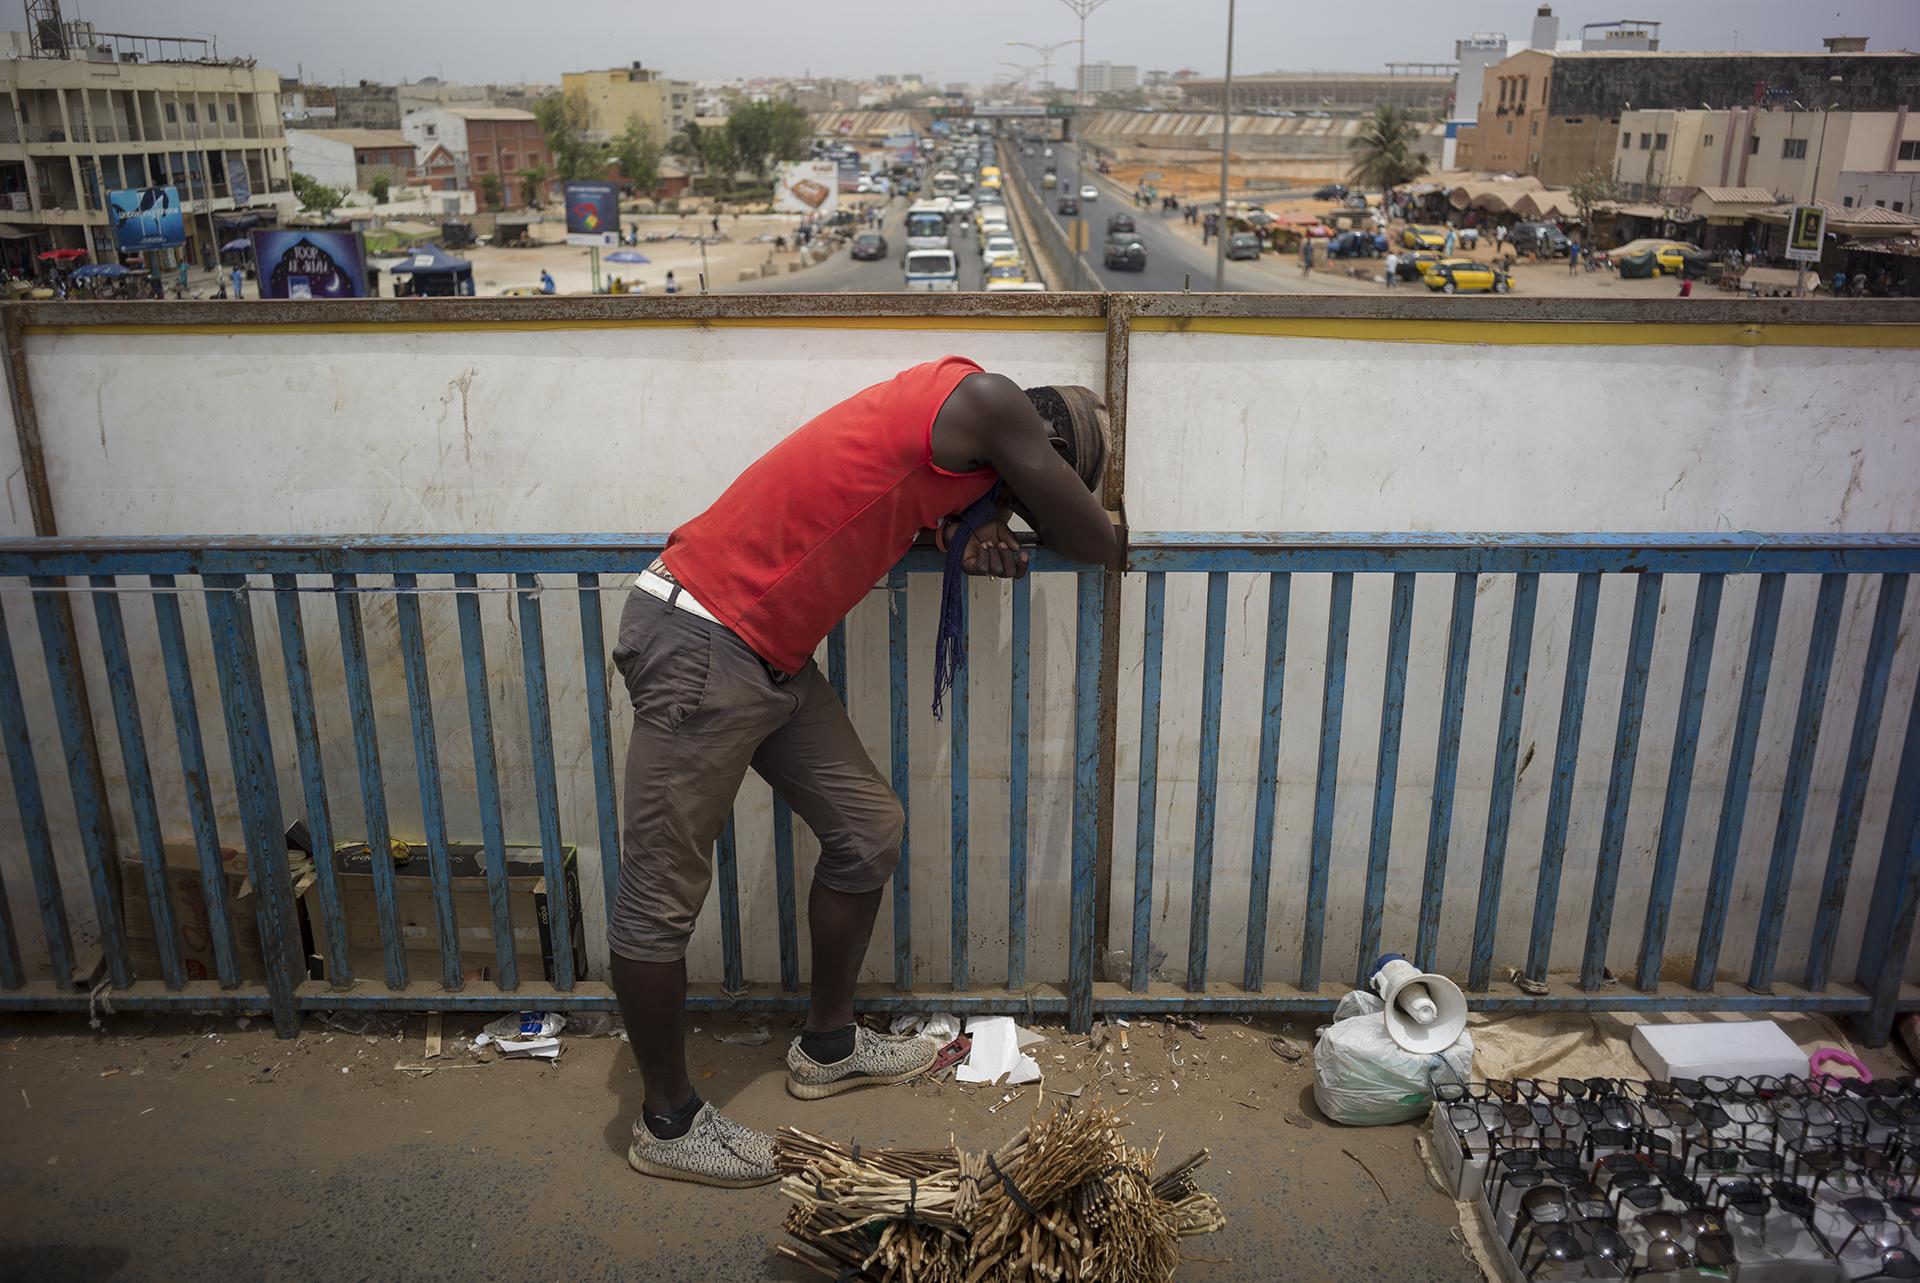 Circulation routière à Dakar, Sénégal. Mai 2017Marchand ambulant dans le quartier de patte d'oie. Ce quartier se situe sur un axe d'échanges et de trafic important au coeur de la métropole dakaroise.